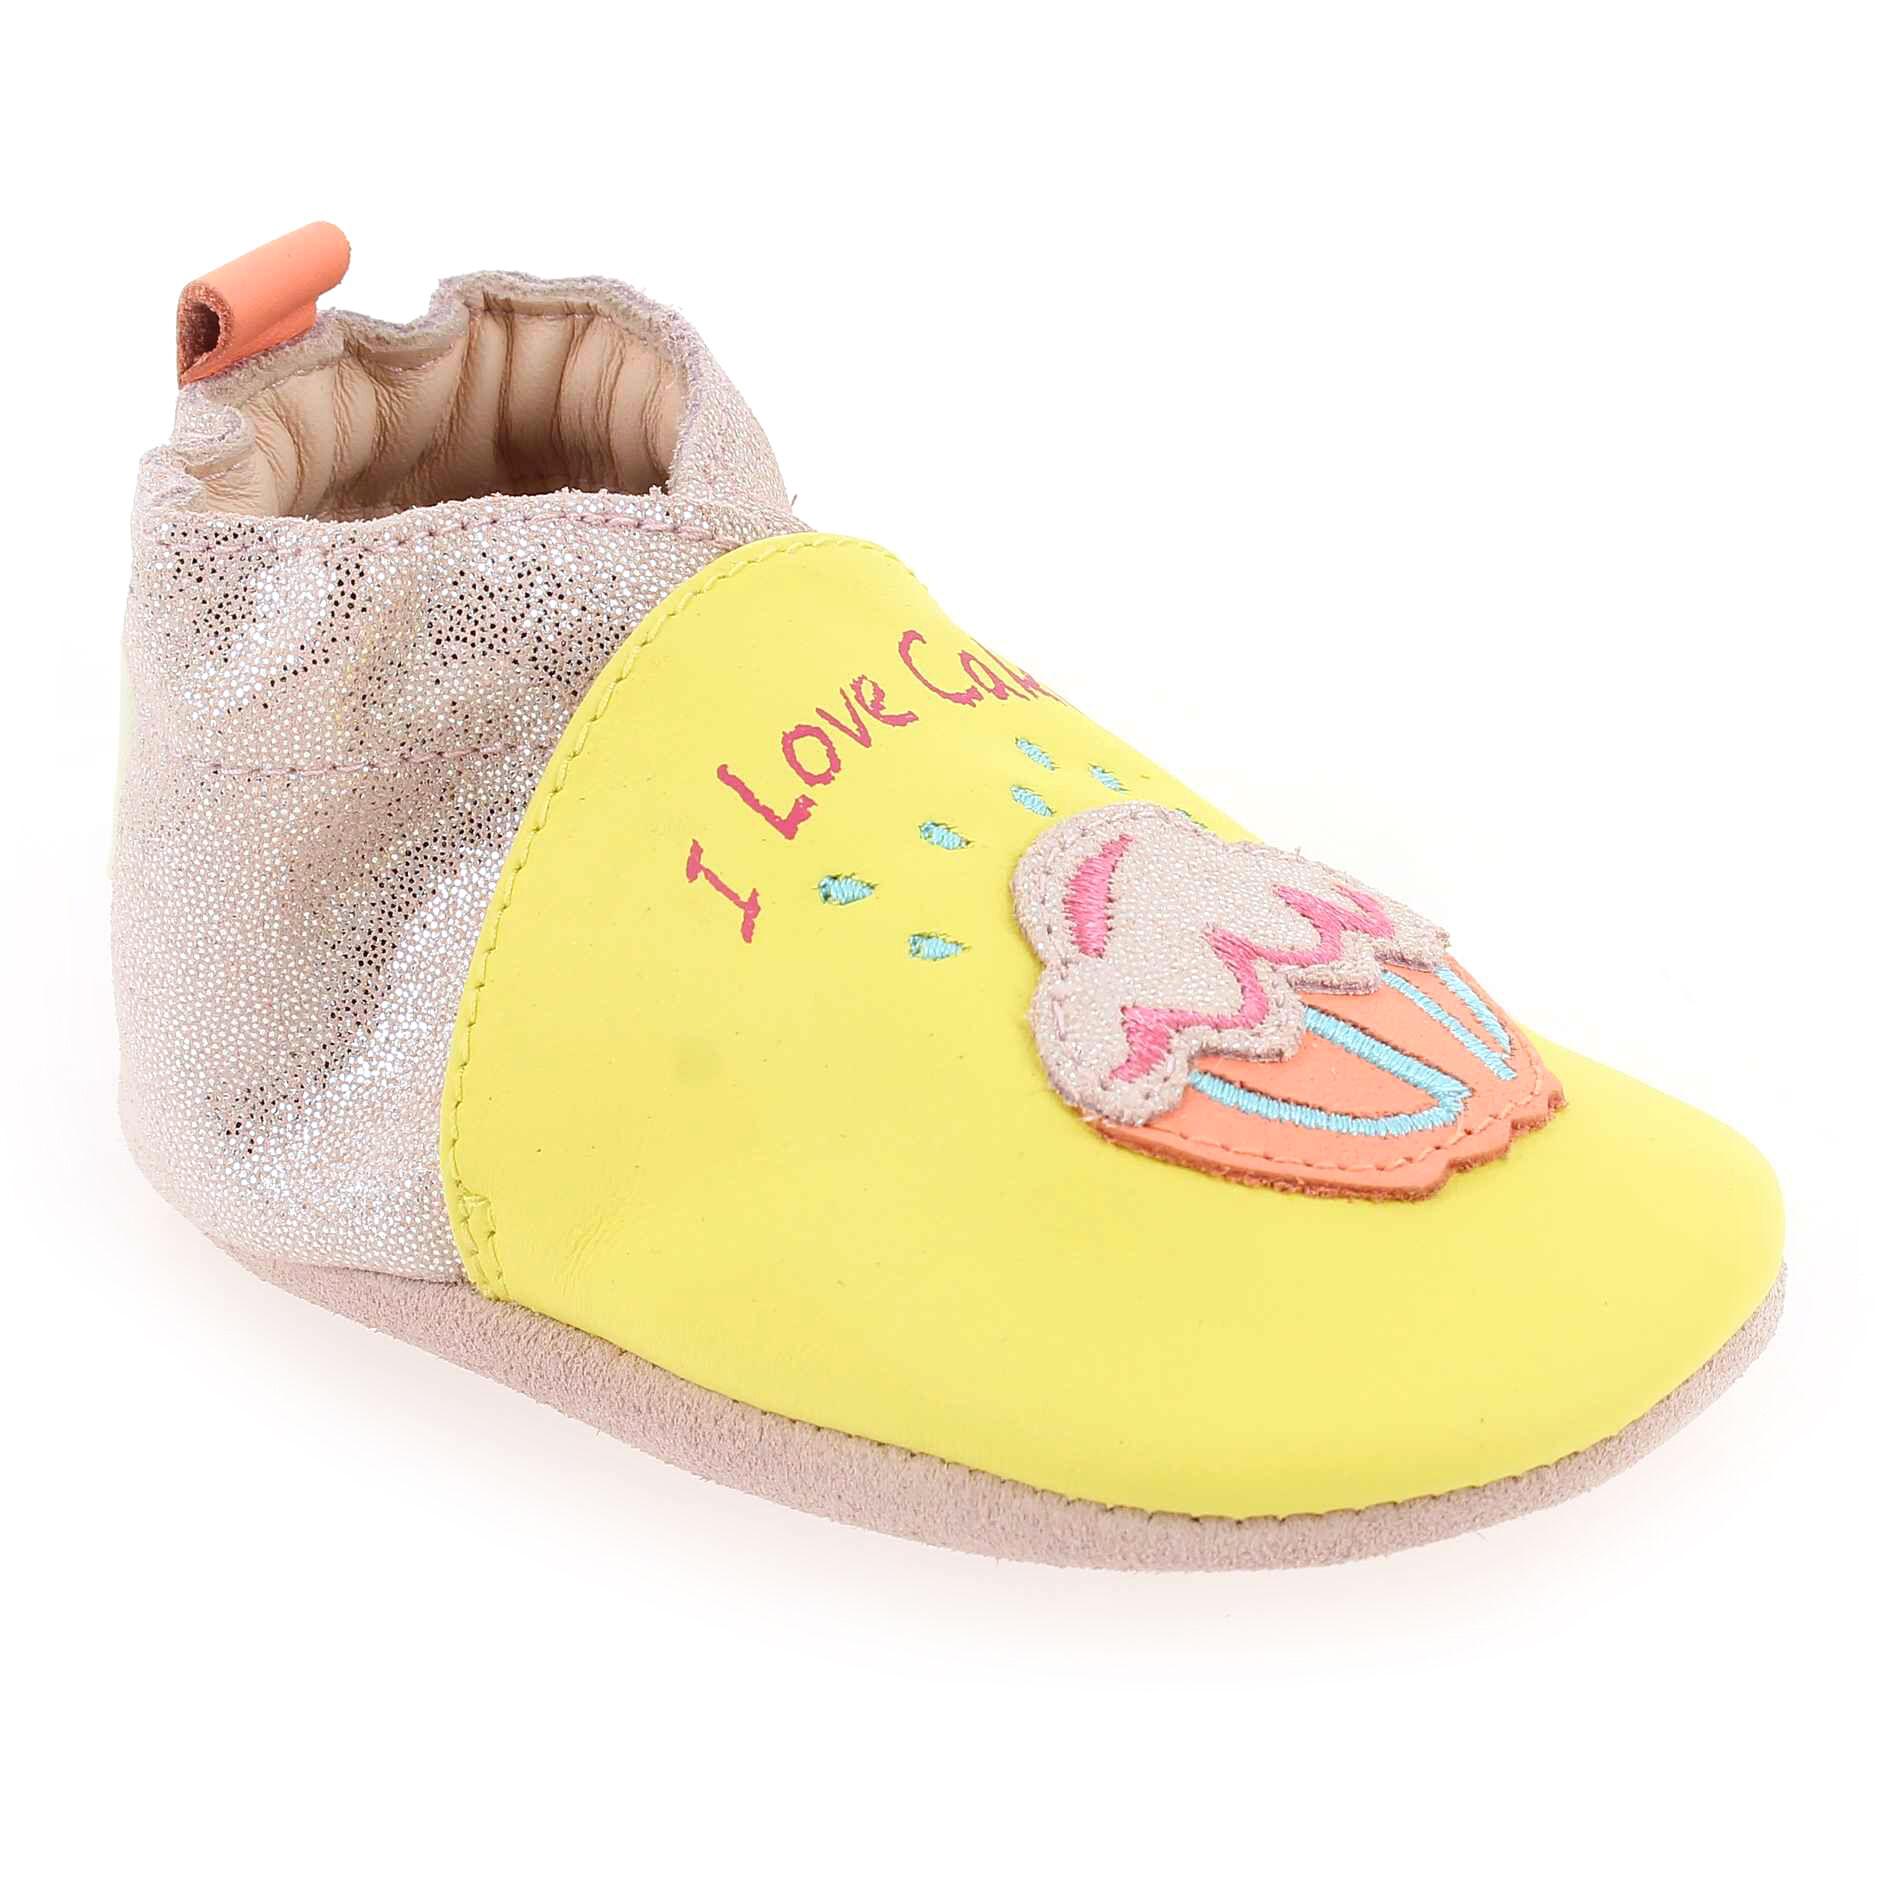 Robeez Promo - Robeez SWEET CAKE Jaune pour Bébé fille, Enfant fille en Cuir - Cuir - 06-12 mois,12-18 mois,18-24 mois